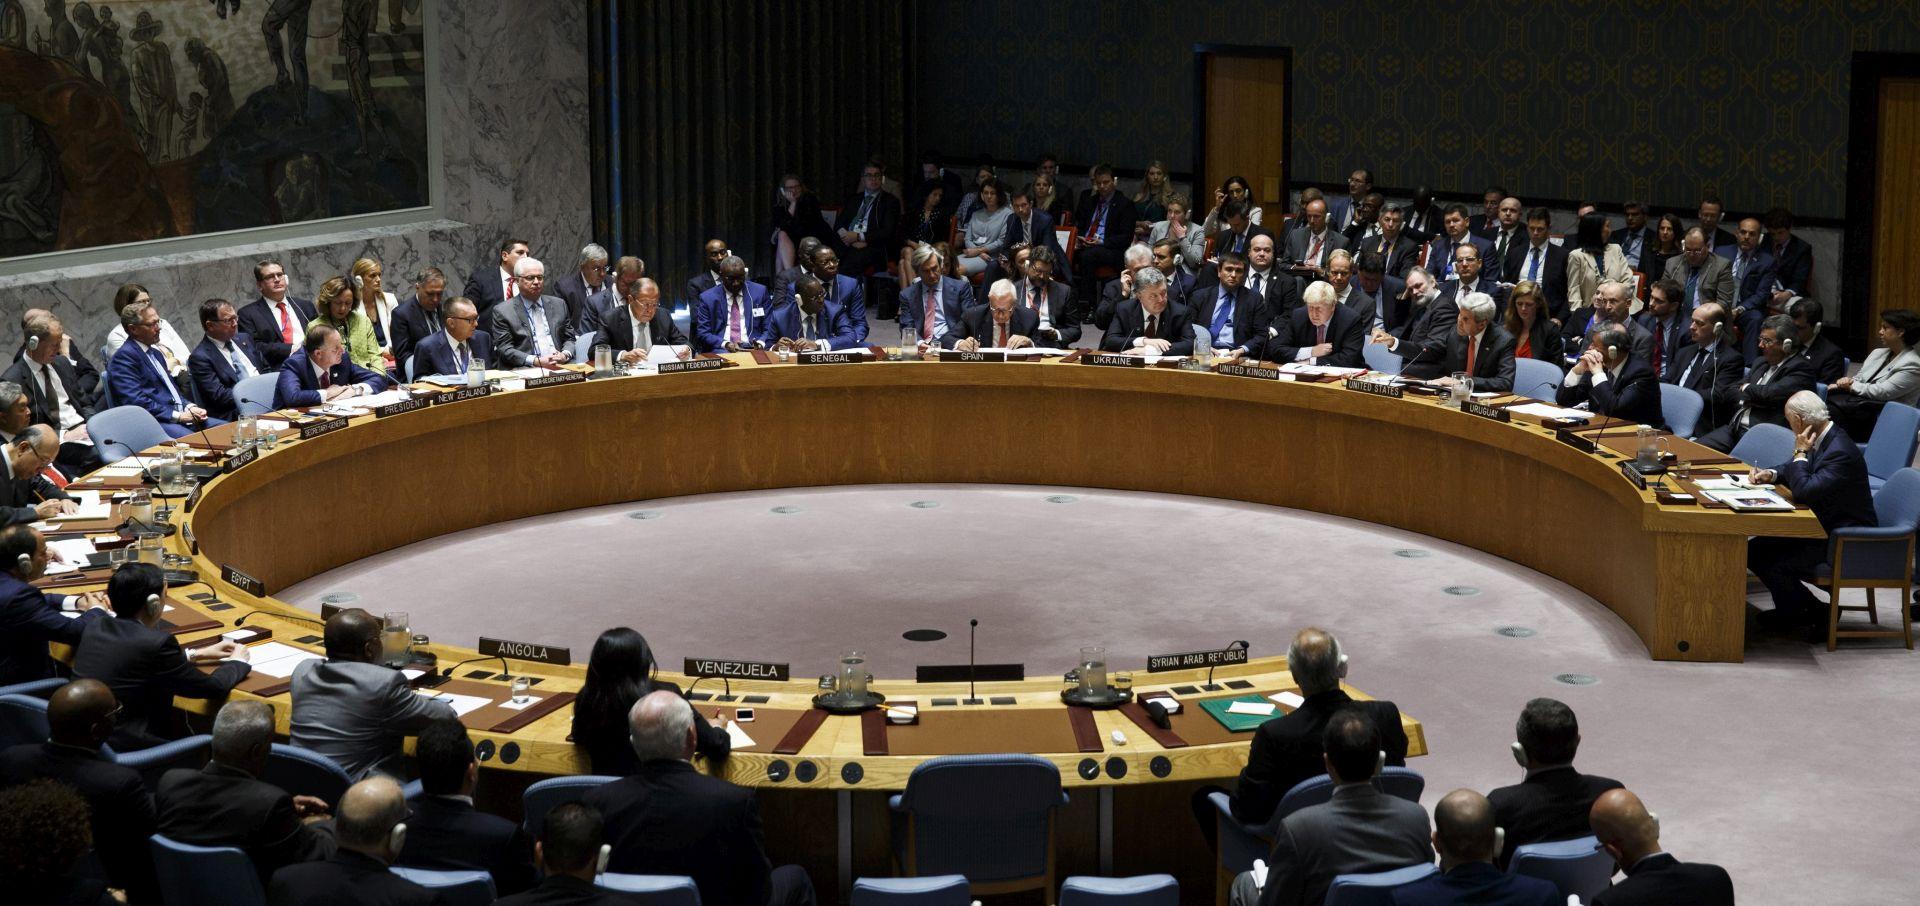 Žestoke rasprave u Vijeću sigurnosti dok u Siriji bijesne sukobi